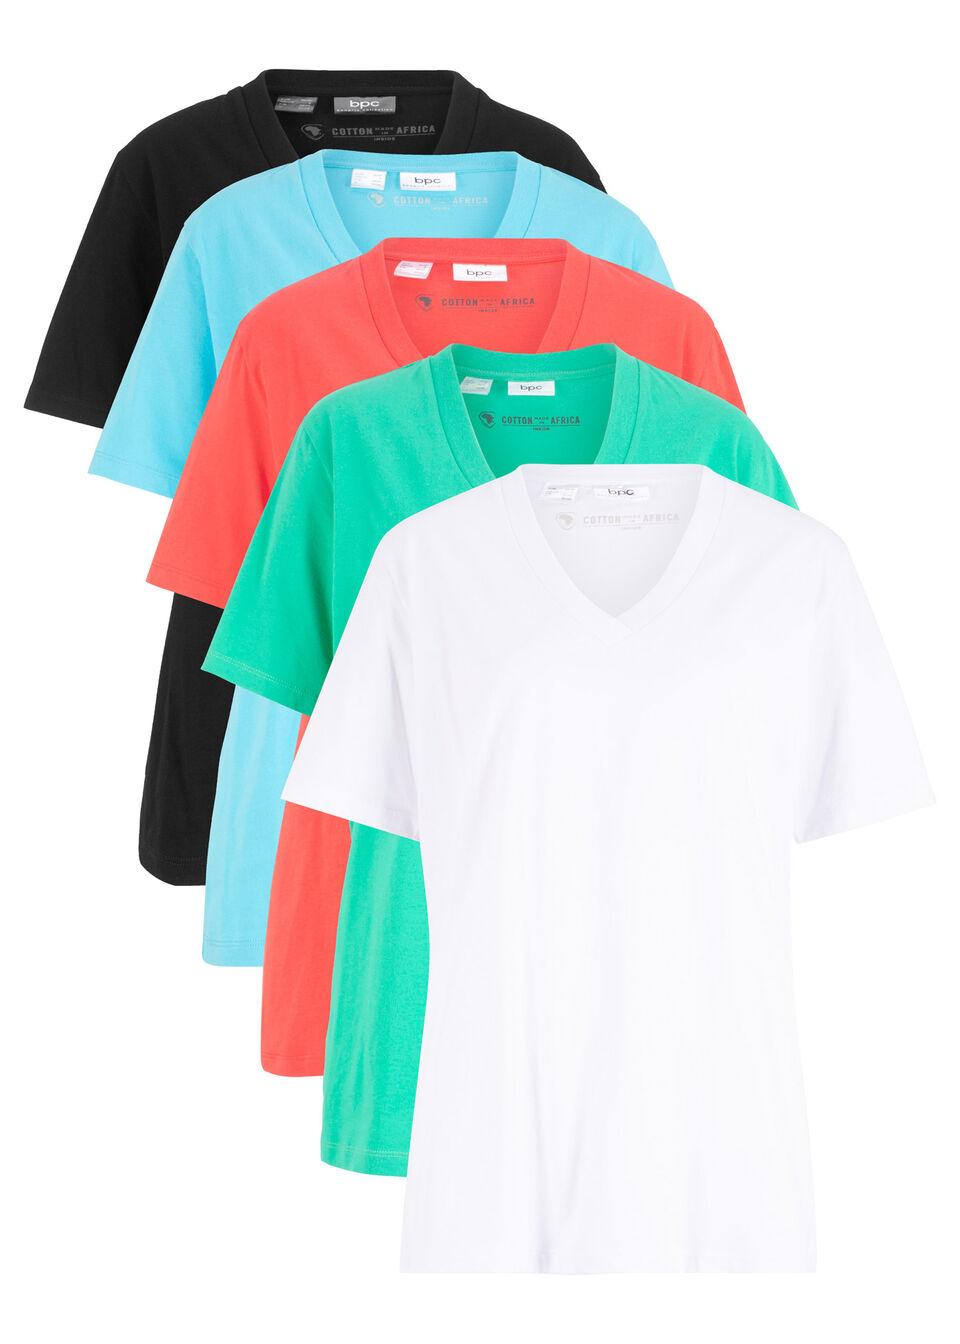 Купить Футболки, Удлиненная футболка с V-образным вырезом (5 шт.), bonprix, синий + зеленый + лососевый + черный + белый